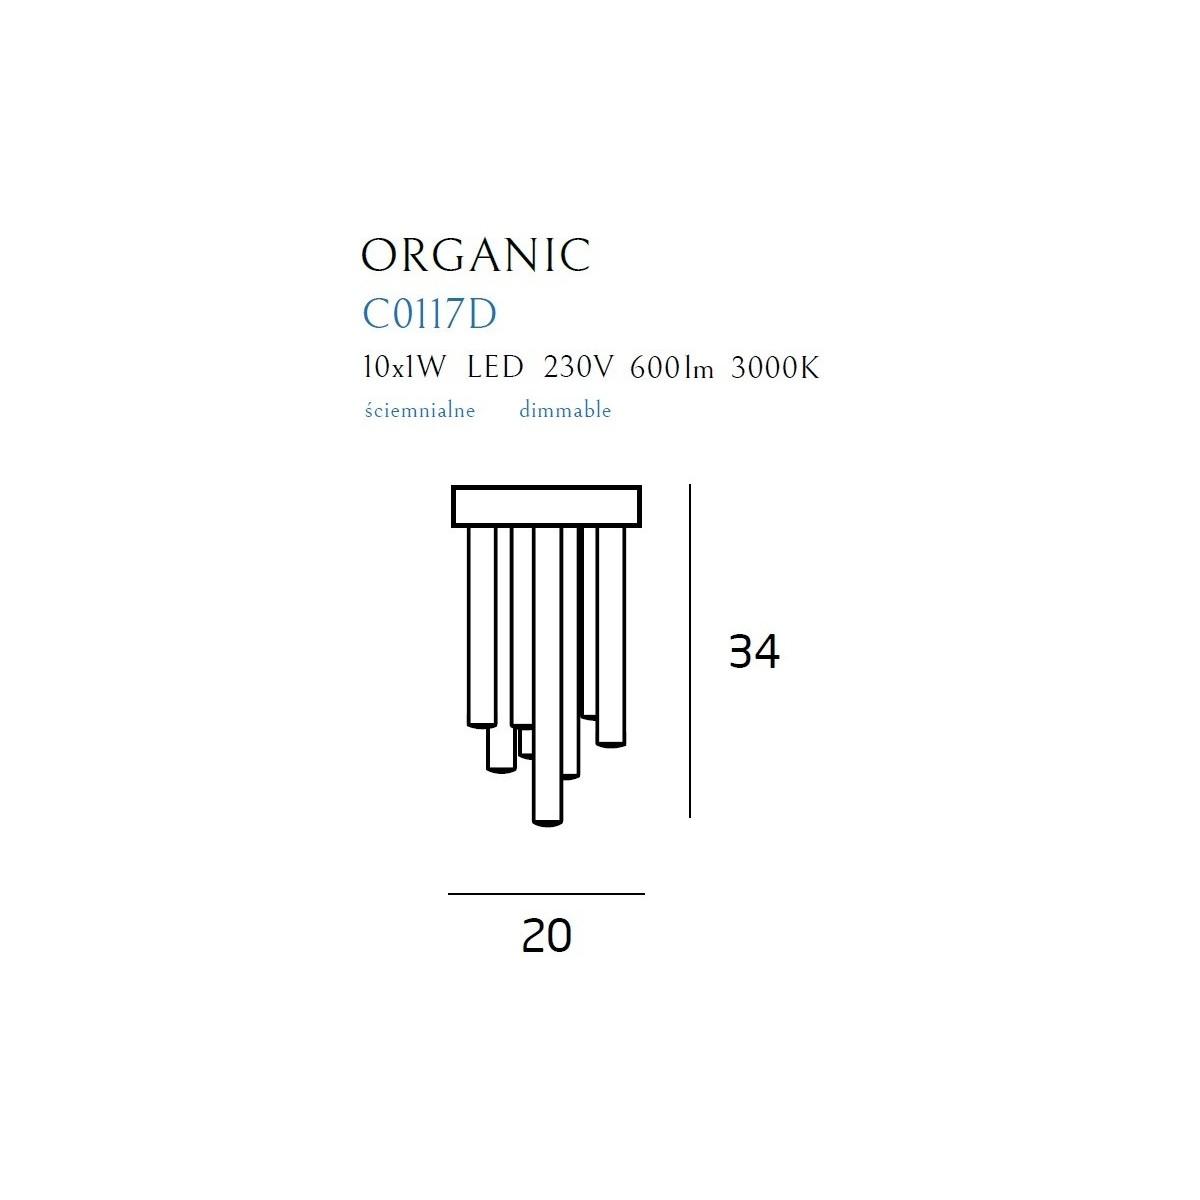 MAXlight Organic Plafon Mały 10x1W LED 600lm 3000K Ściemnialny Chrom C0117D